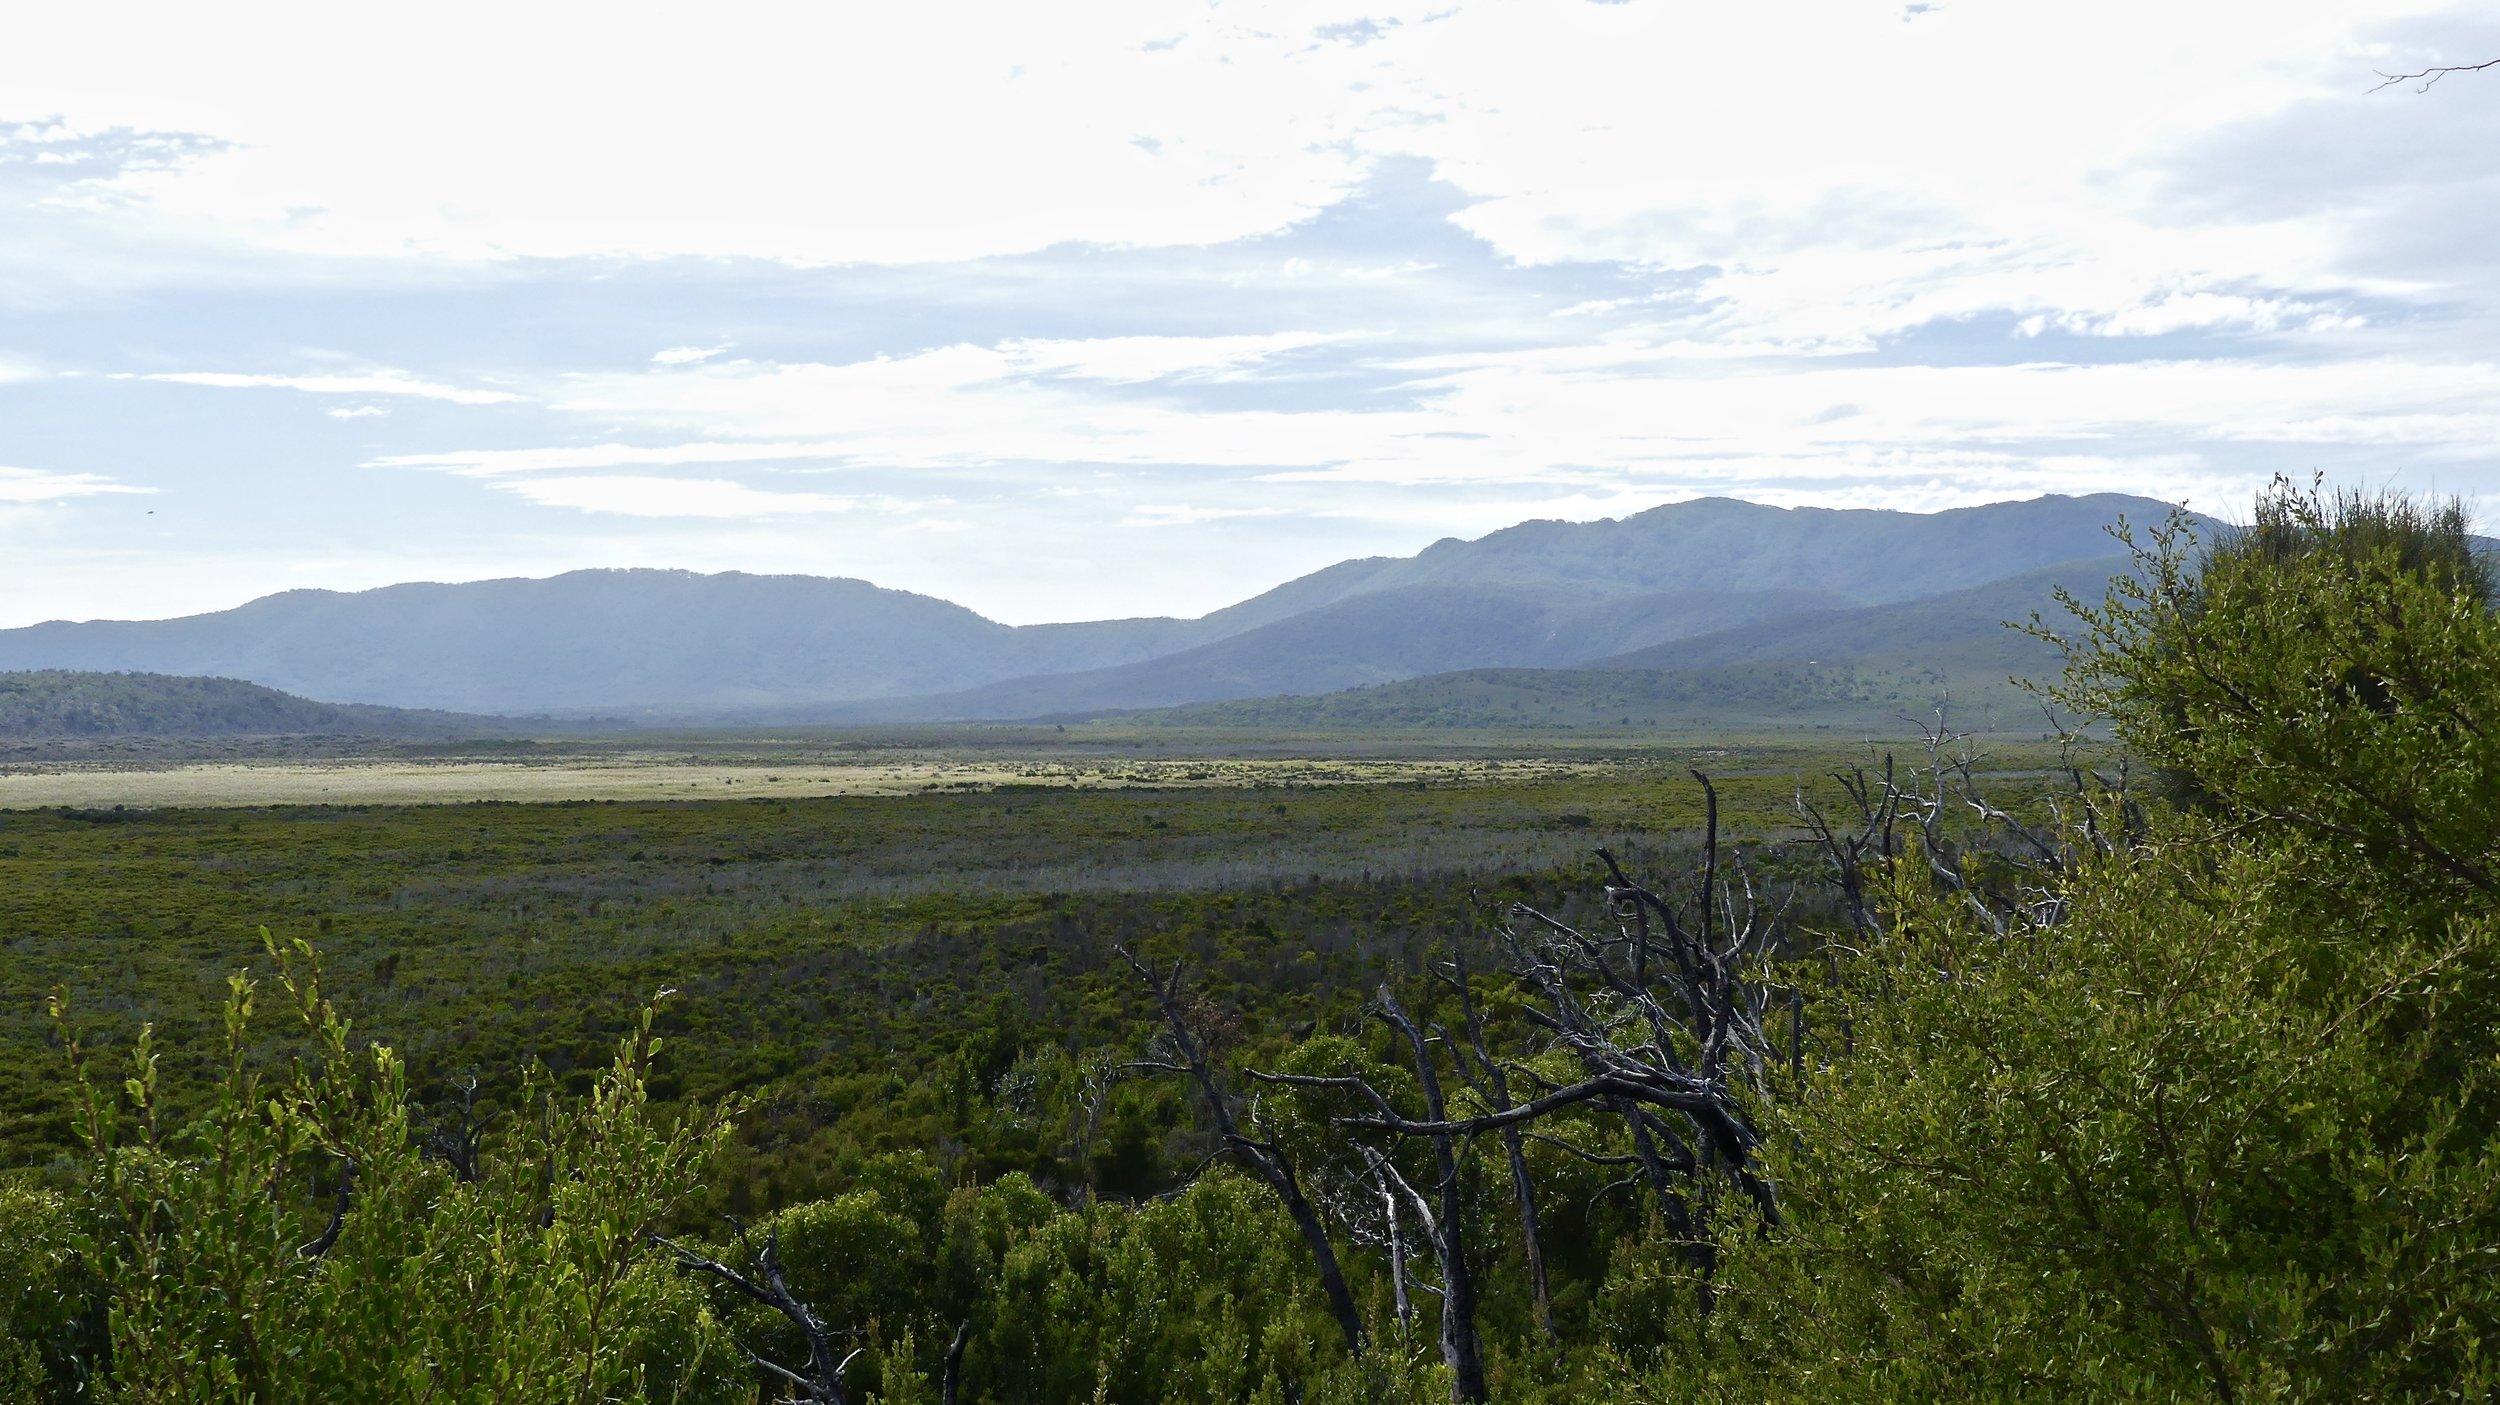 Looking to the Vereker Range